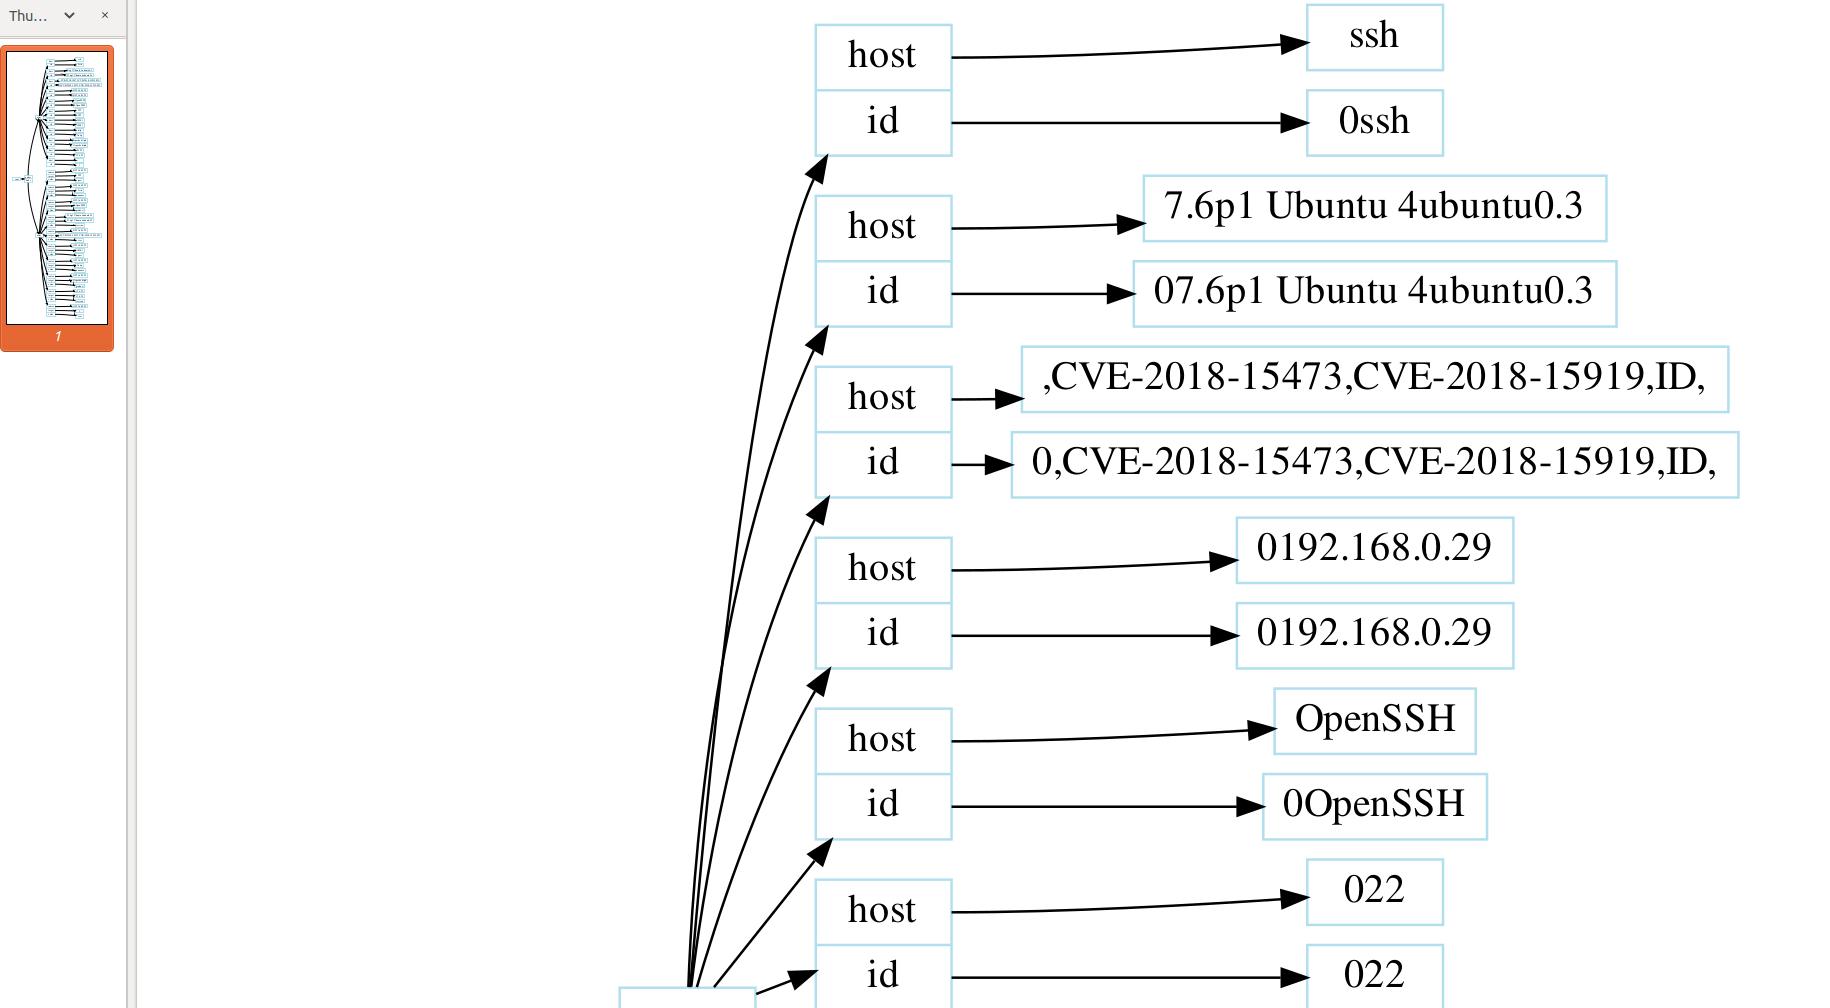 image olger report vulnerabilities CVE